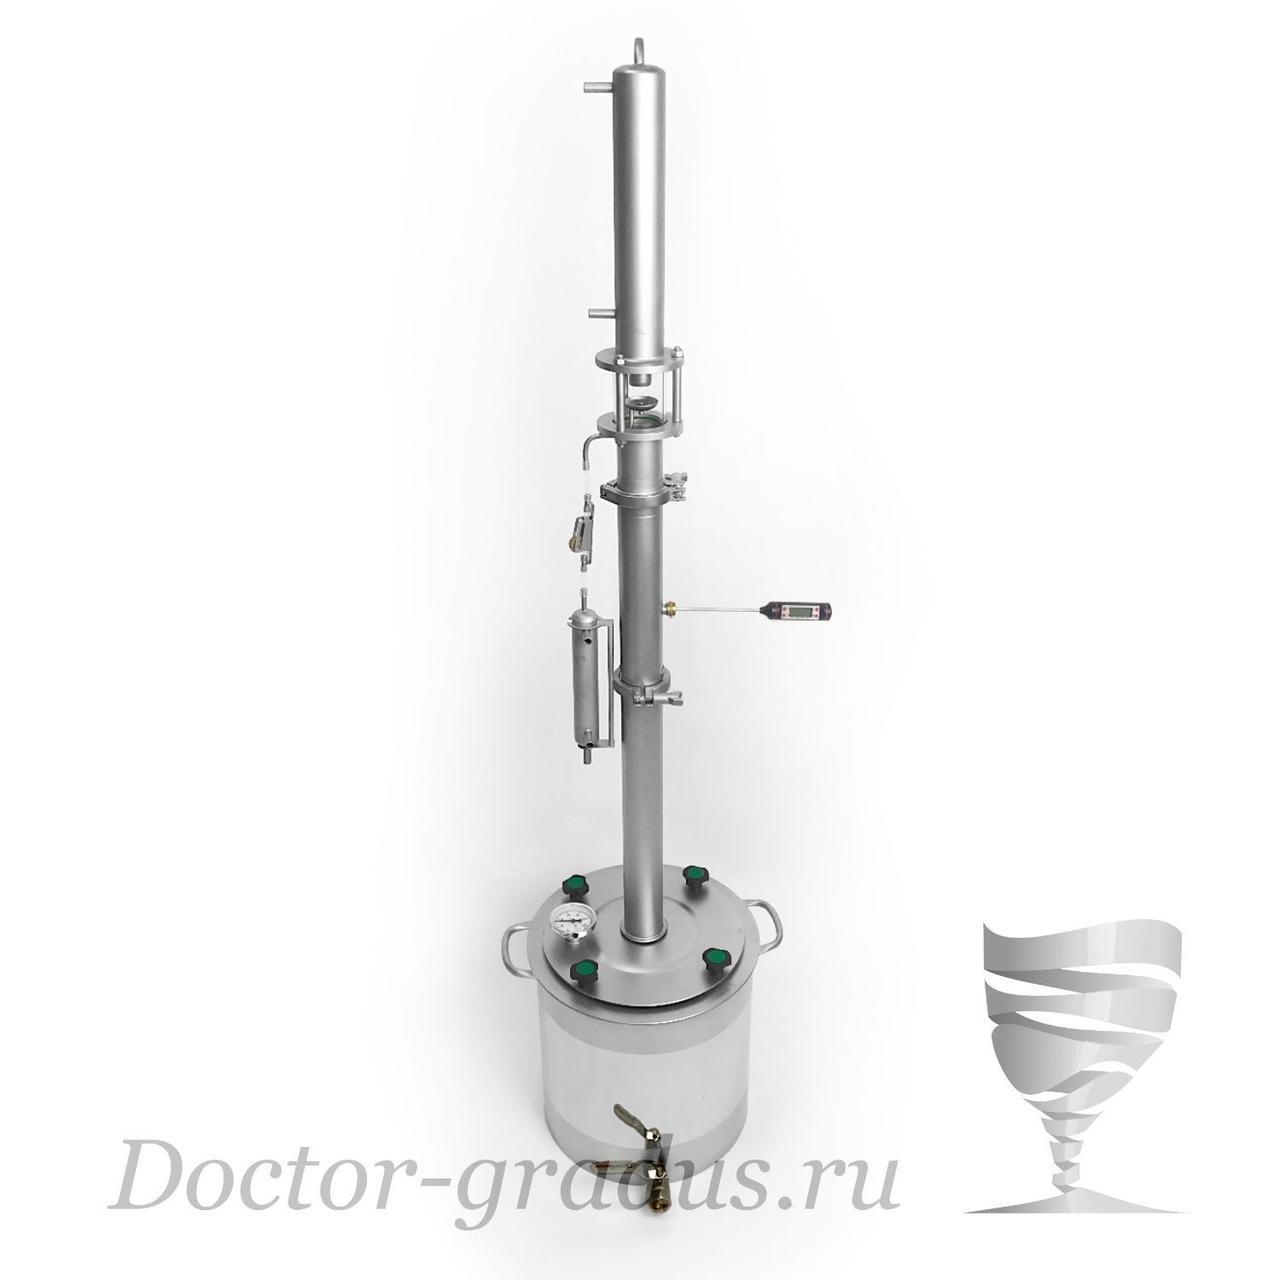 """Дистиллятор  Доктор Градус """"Стиллмен-Космо"""" с кубом 21 литров"""